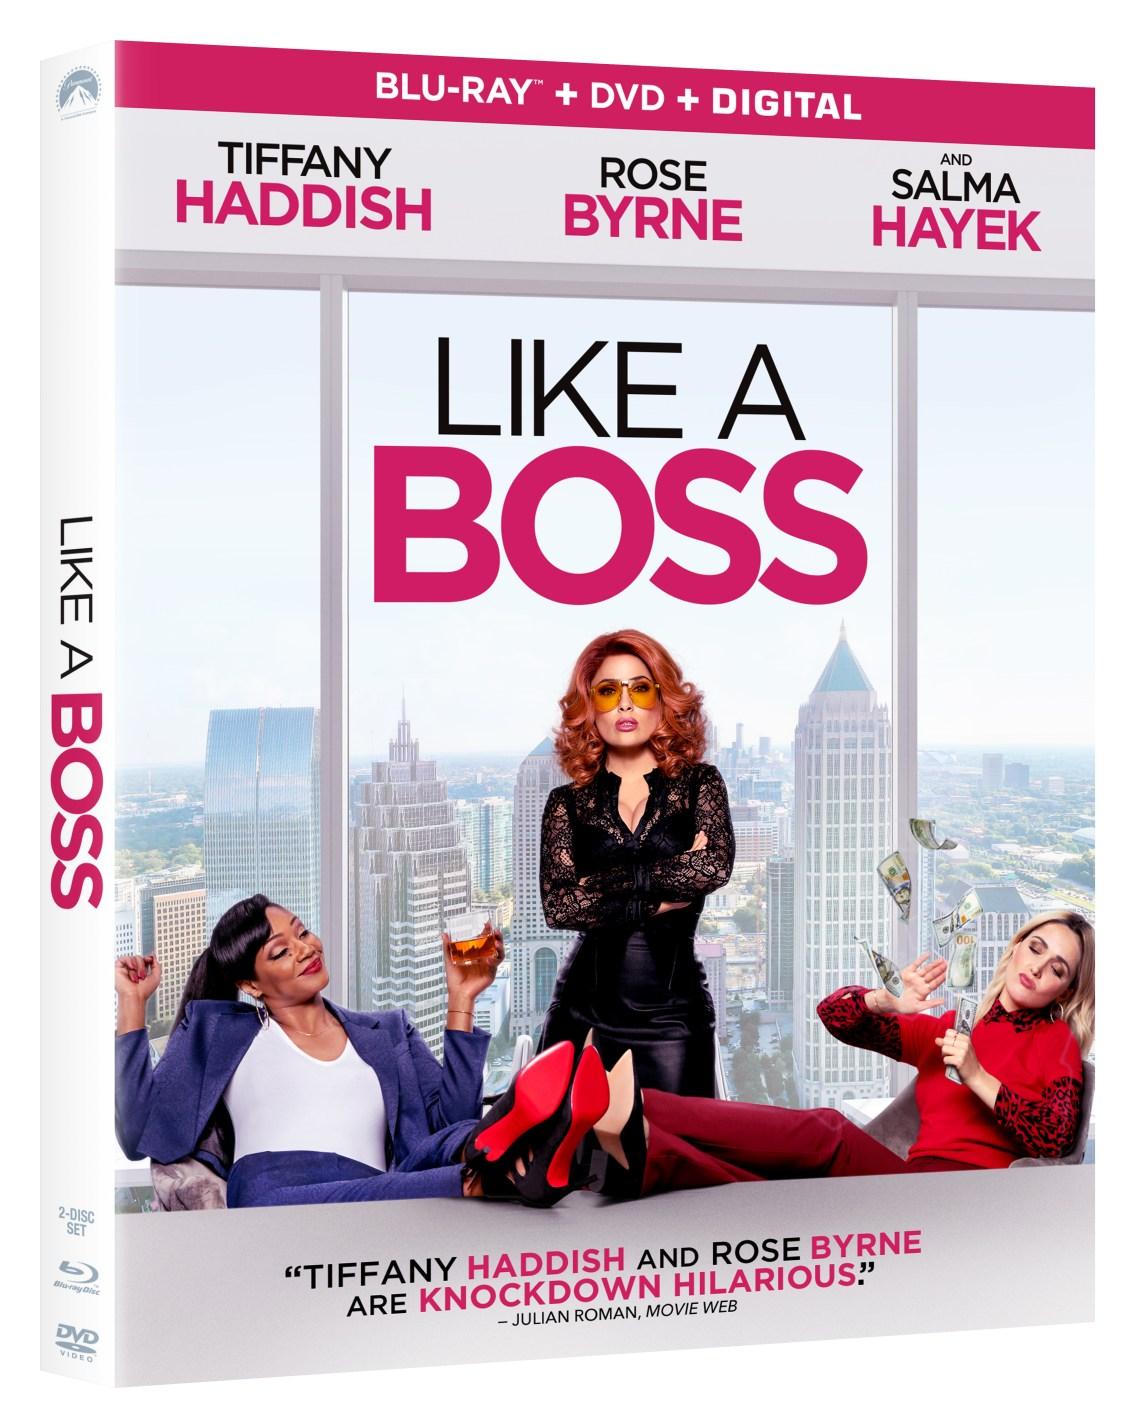 Like A Boss Blu ray Artwork